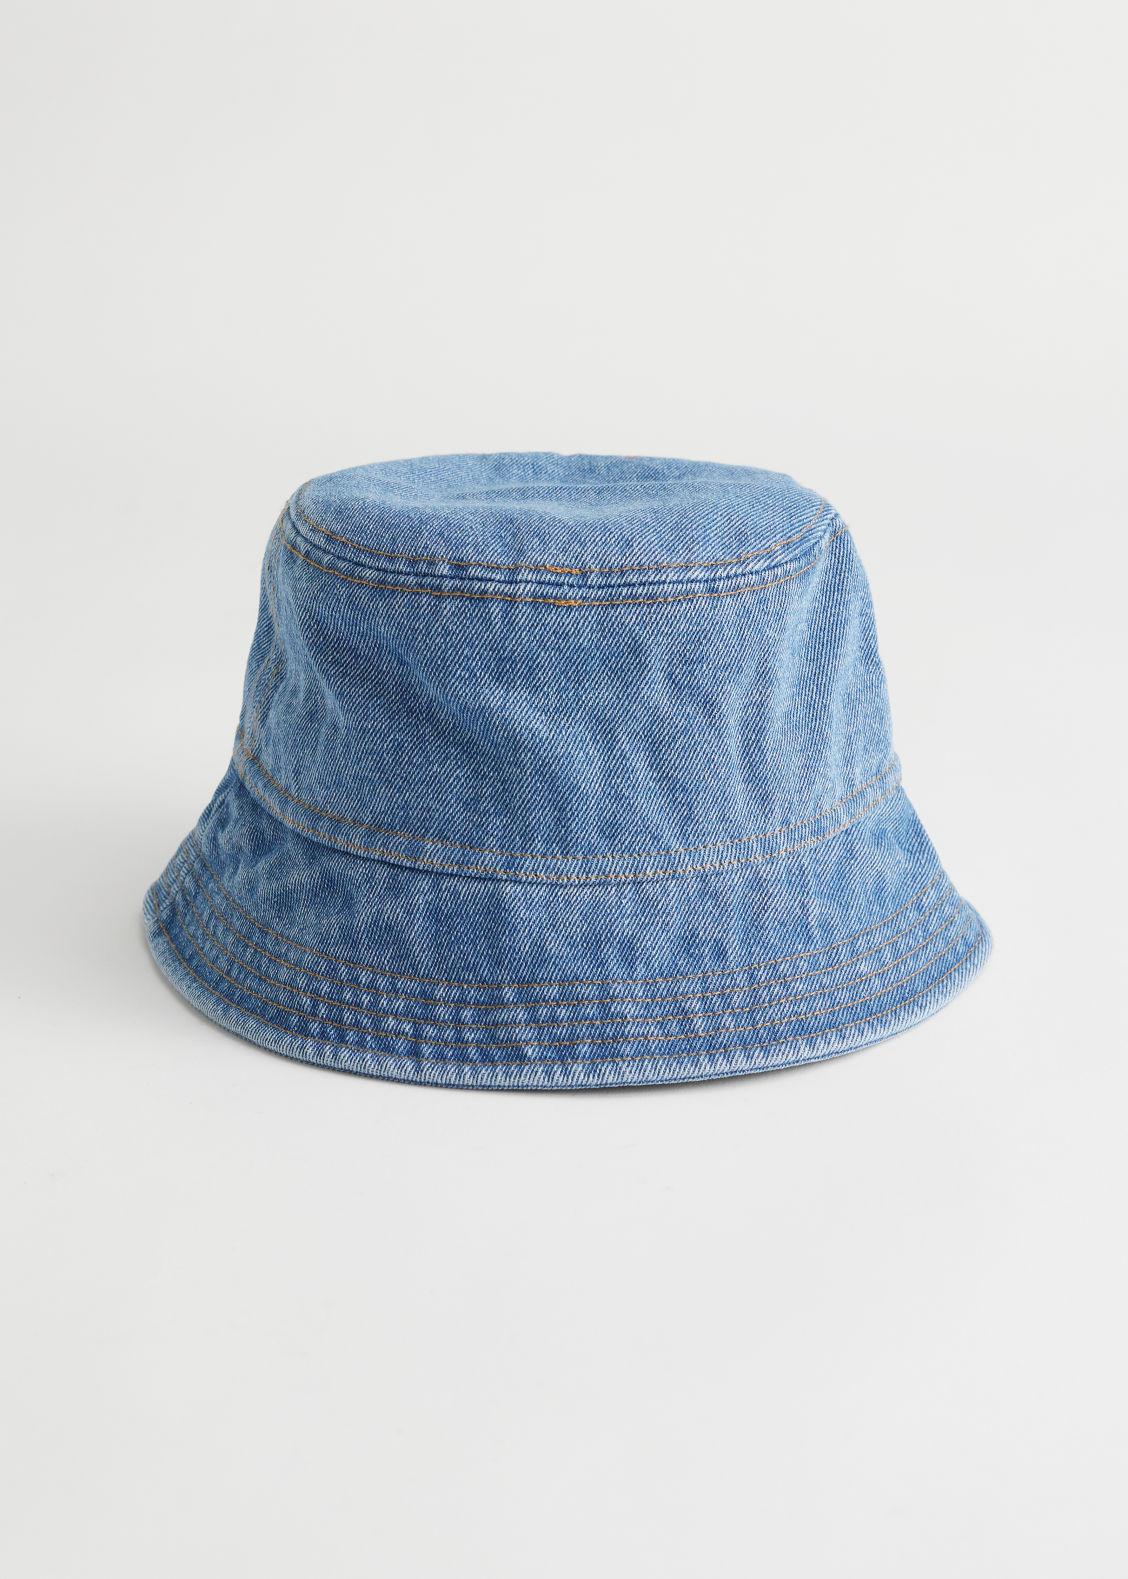 앤 아더 스토리즈 버킷햇 & OTHER STORIES Topstitched Denim Bucket Hat,Light Blue